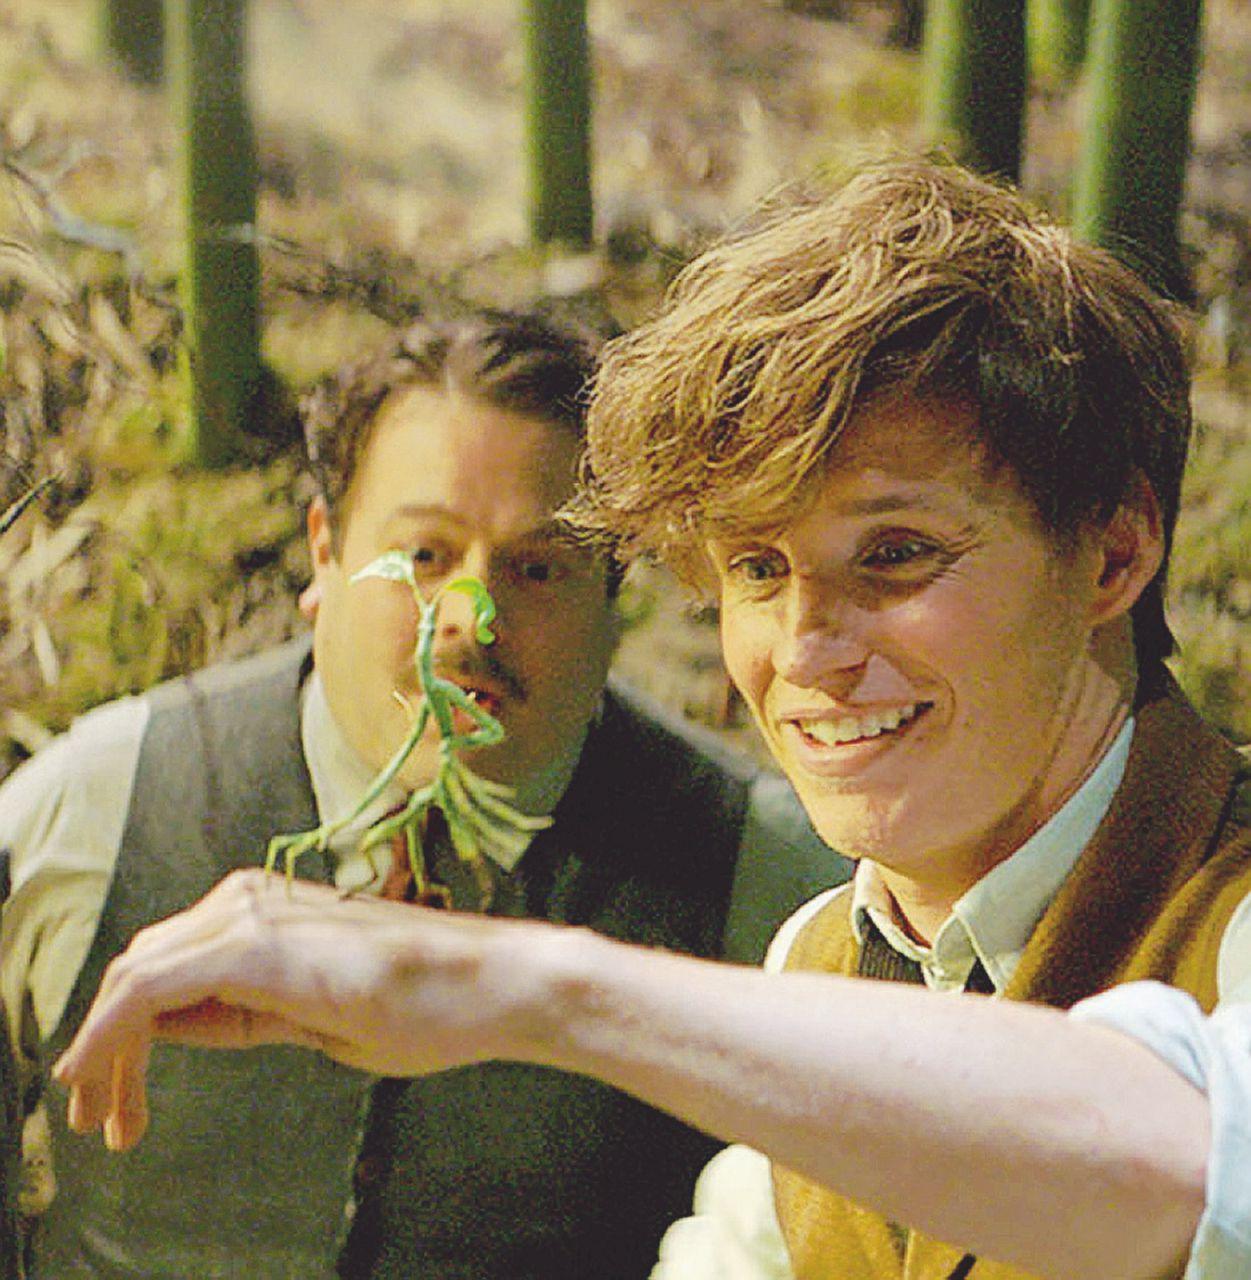 La signora Harry Potter a caccia di doppietta: critica e botteghino